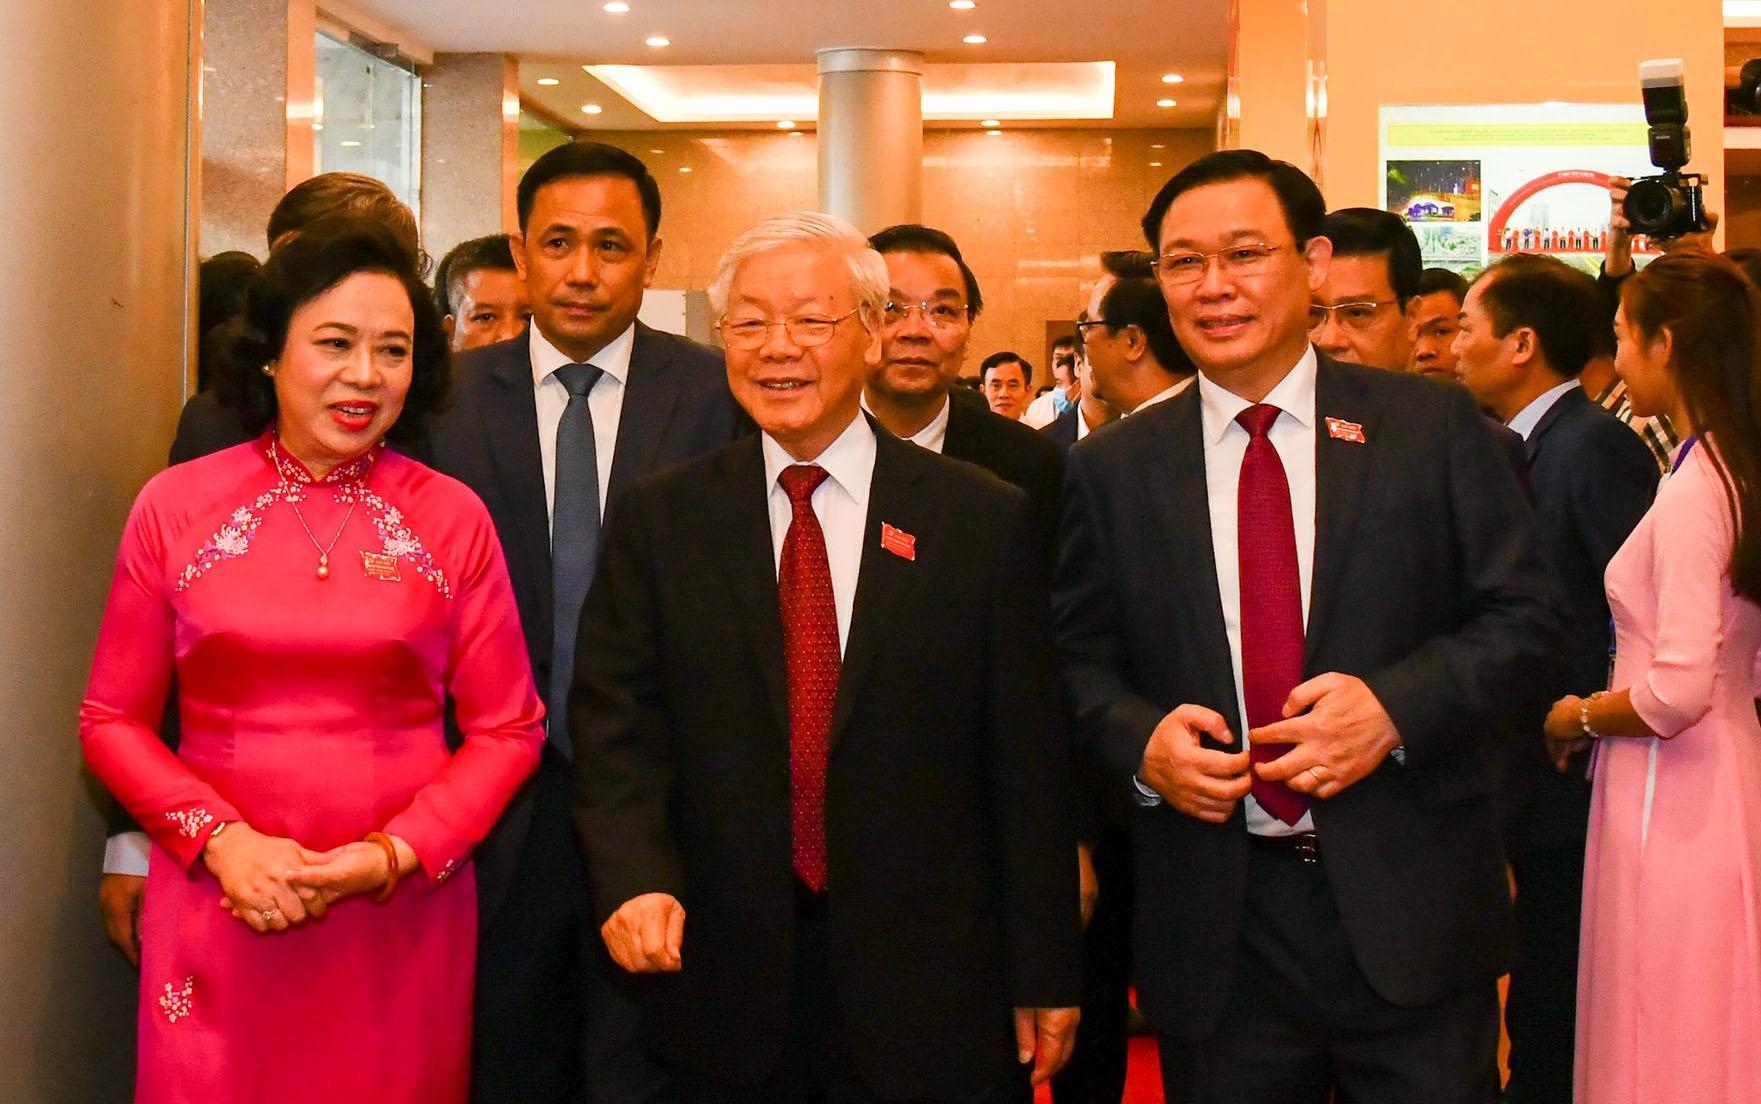 Hà Nội đặt mục tiêu là thành phố kết nối toàn cầu, thu nhập đầu người đạt gần 200 triệu đồng - Ảnh 1.